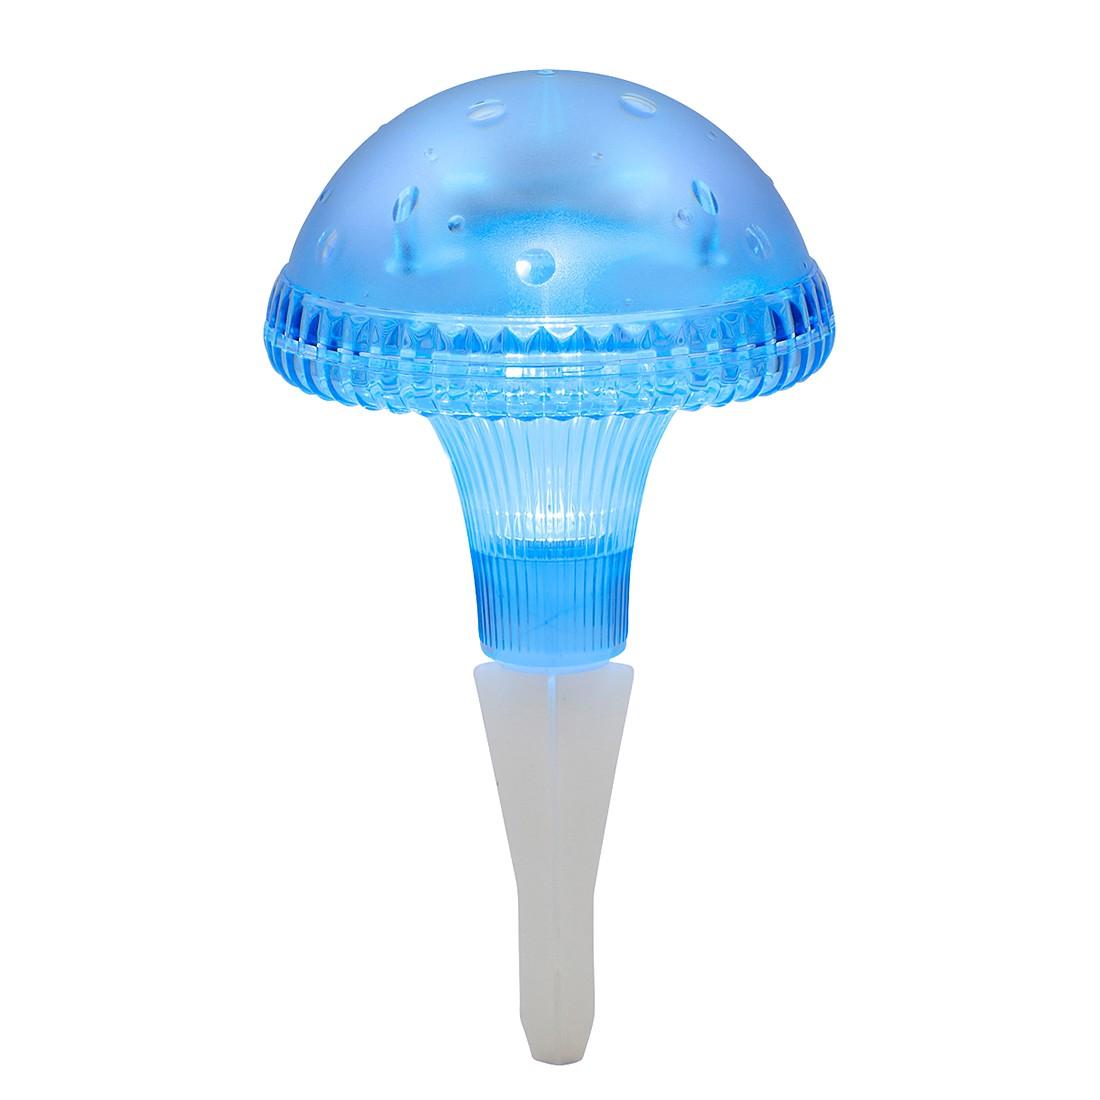 LED-Außenleuchte Assisi Pilz ● Kunststoff ● 1-flammig ● Blau- Konstsmide A+